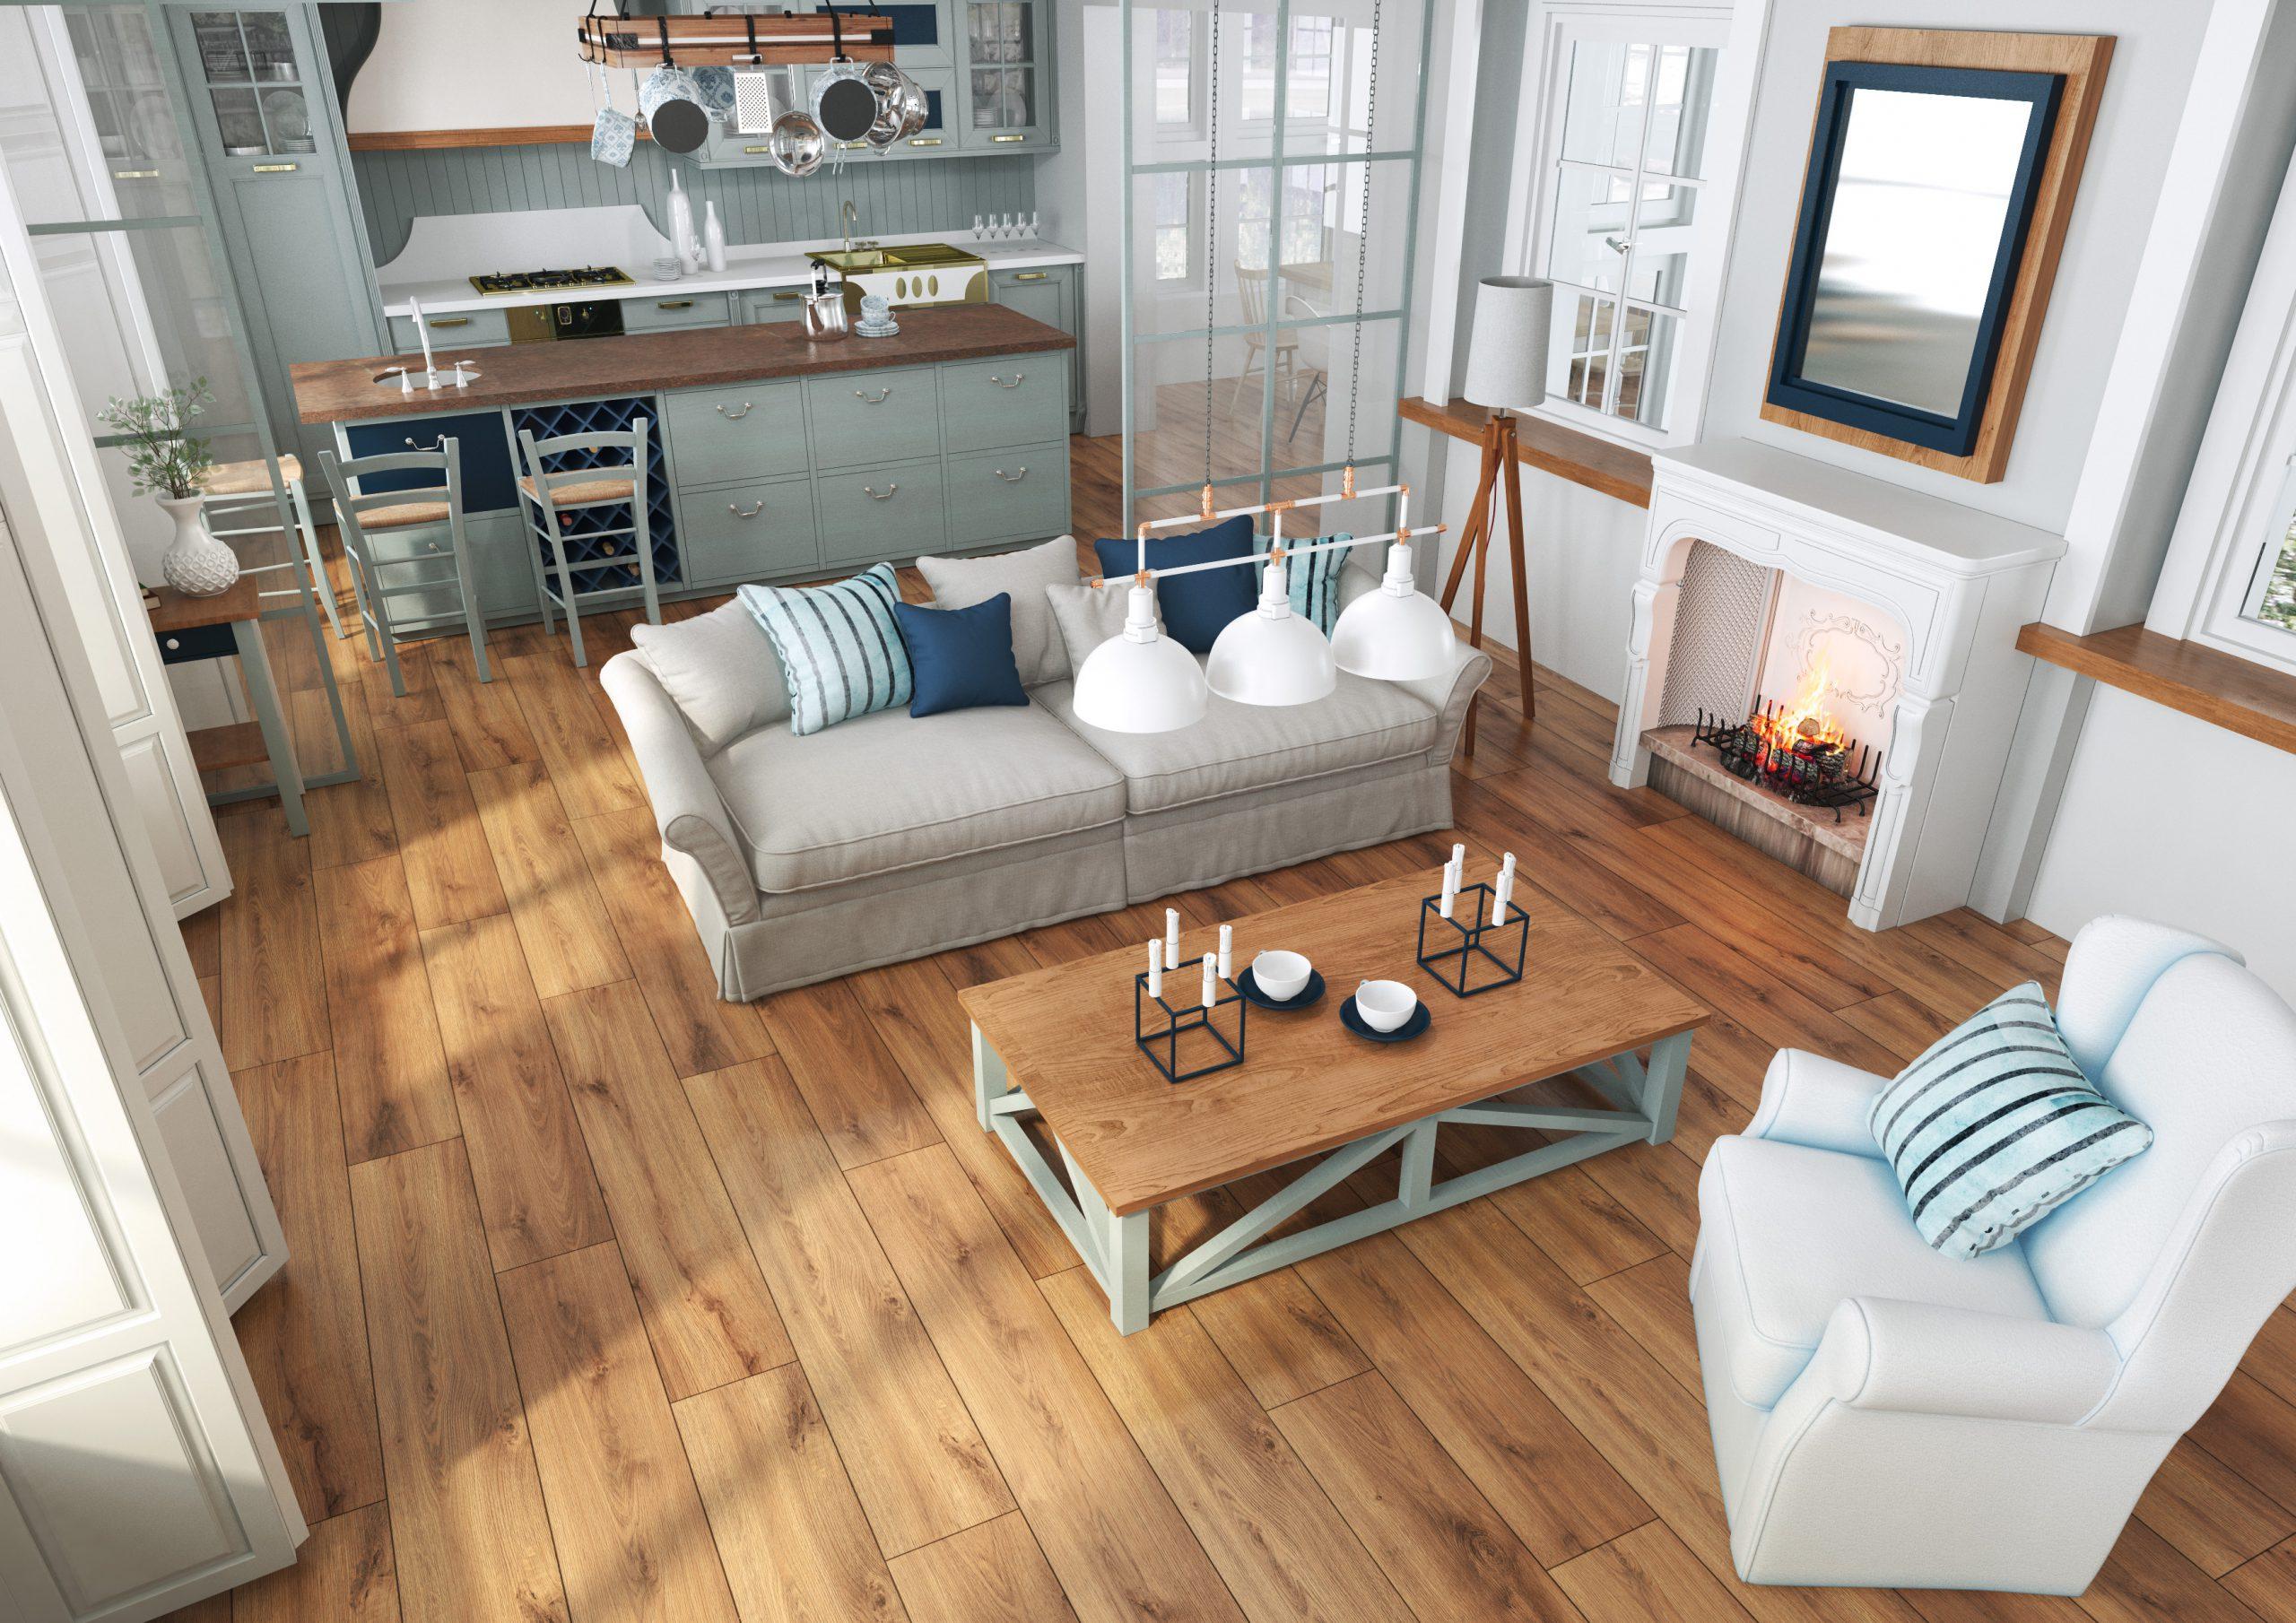 Bliskość natury w mieszkaniu, czyli motyw drewna… bez drewna.  Sprawdź, jak i gdzie wykorzystać ten wzór!